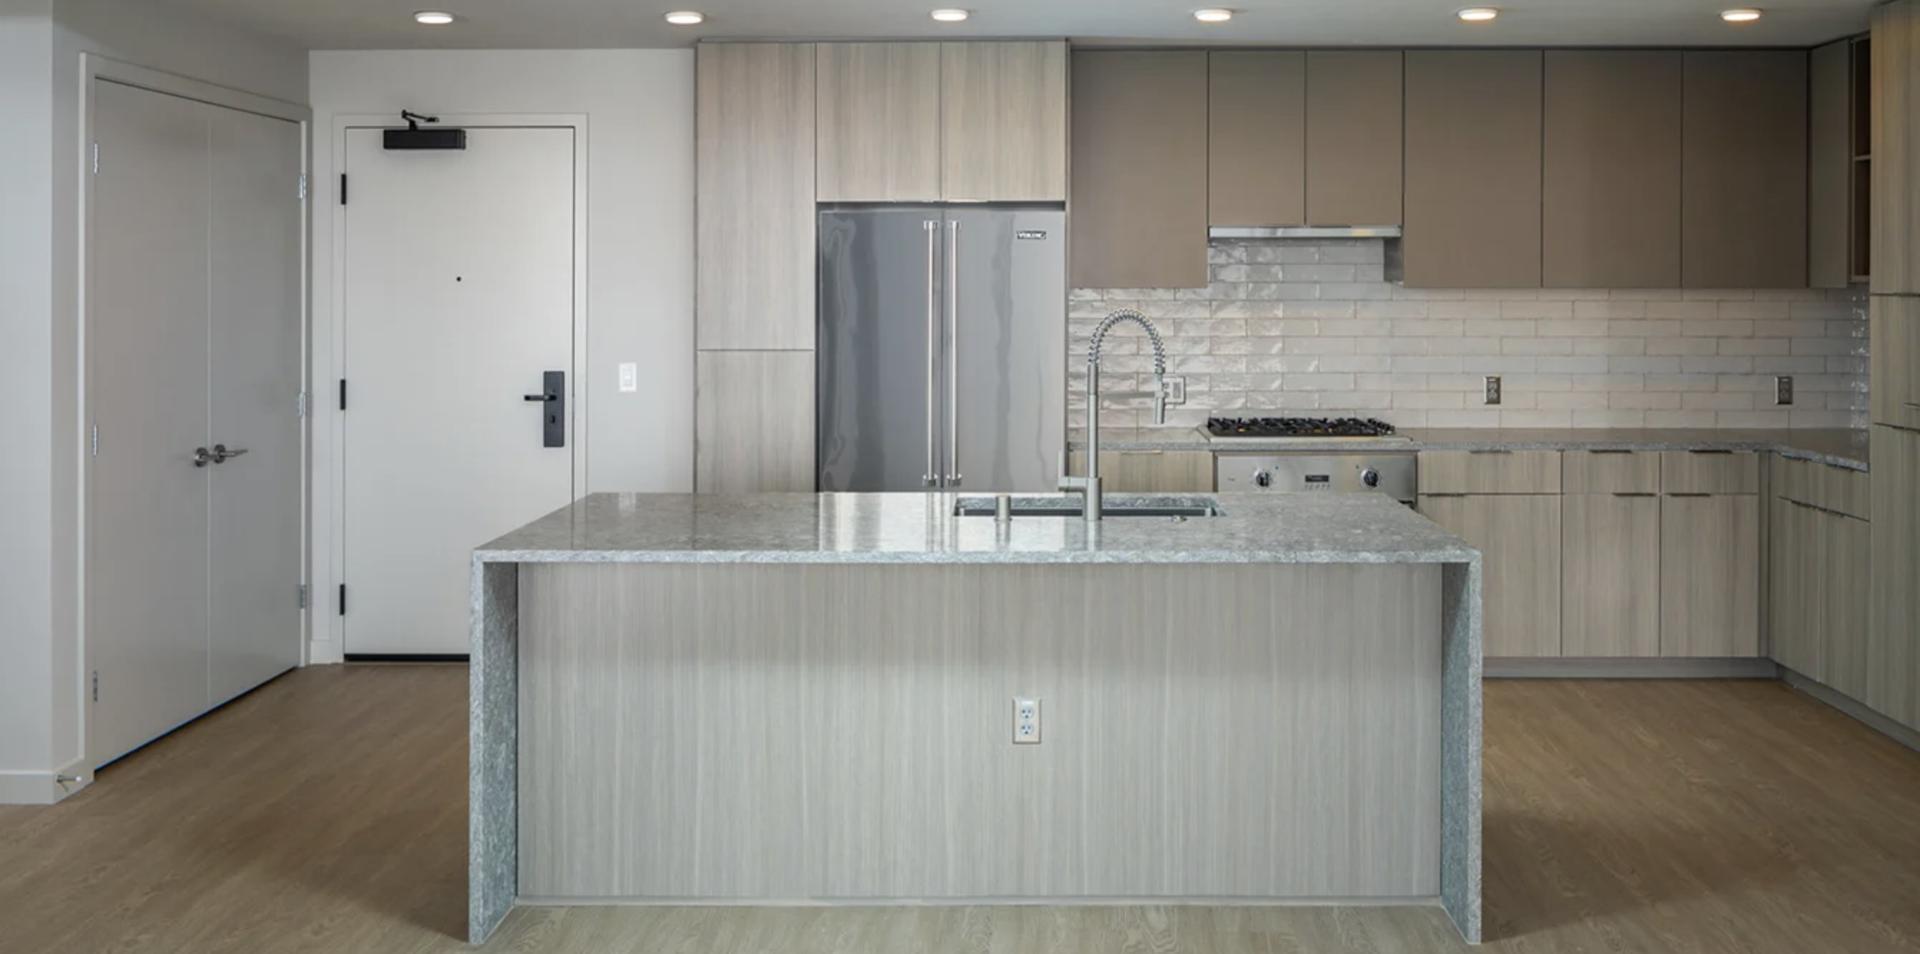 601 11th Avenue #1104, San Diego, CA - $3,780 USD/ month